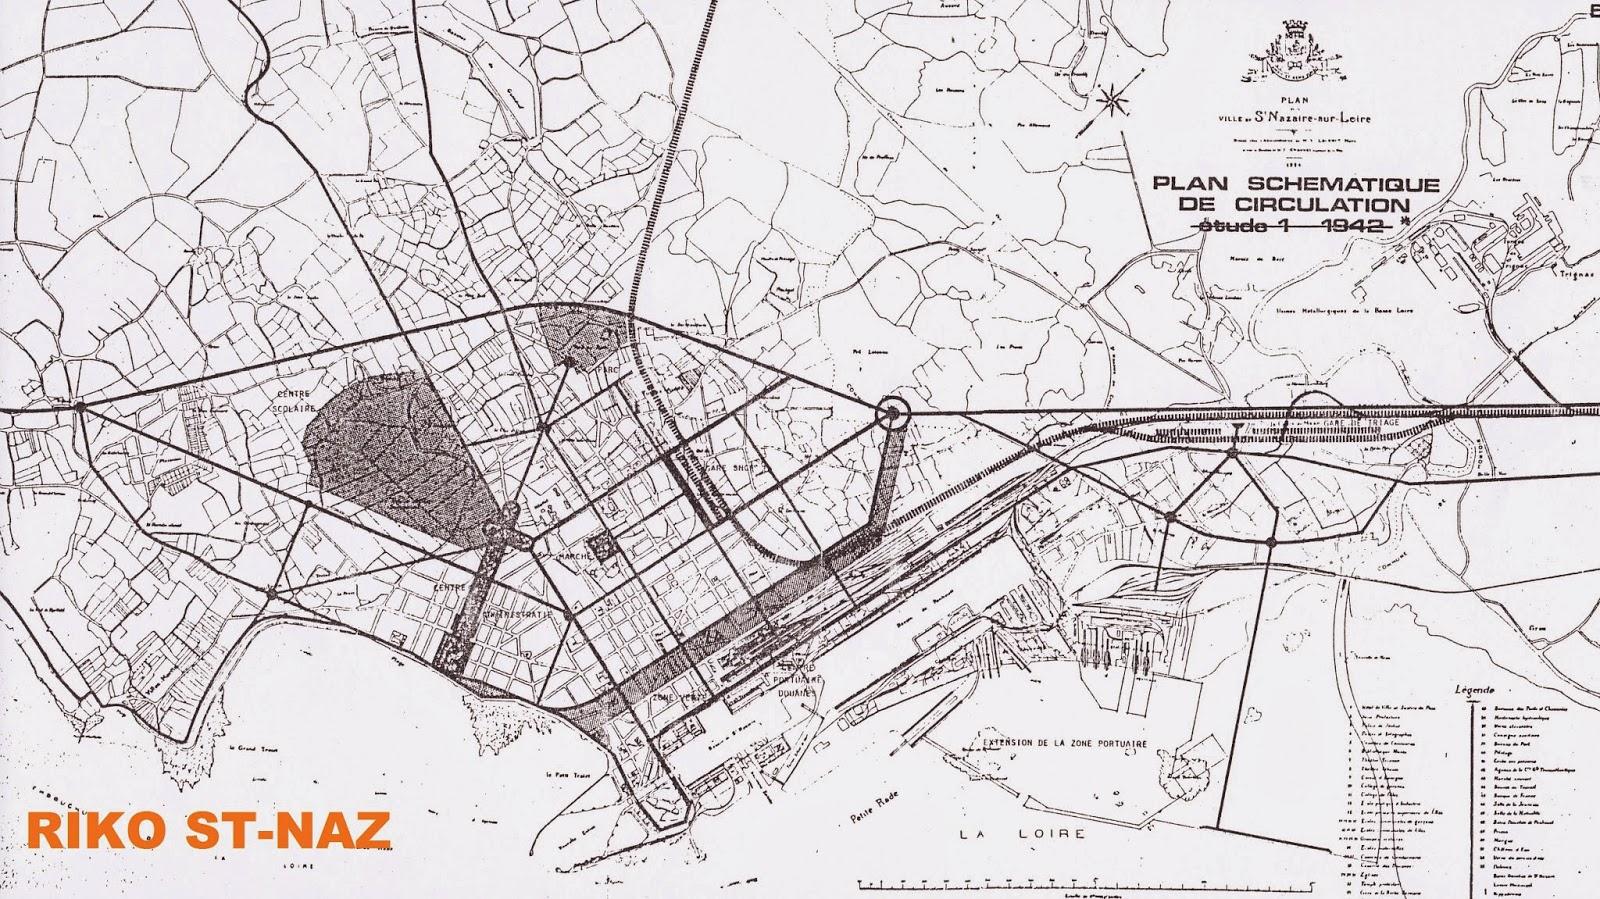 plans cue Saint-Nazaire